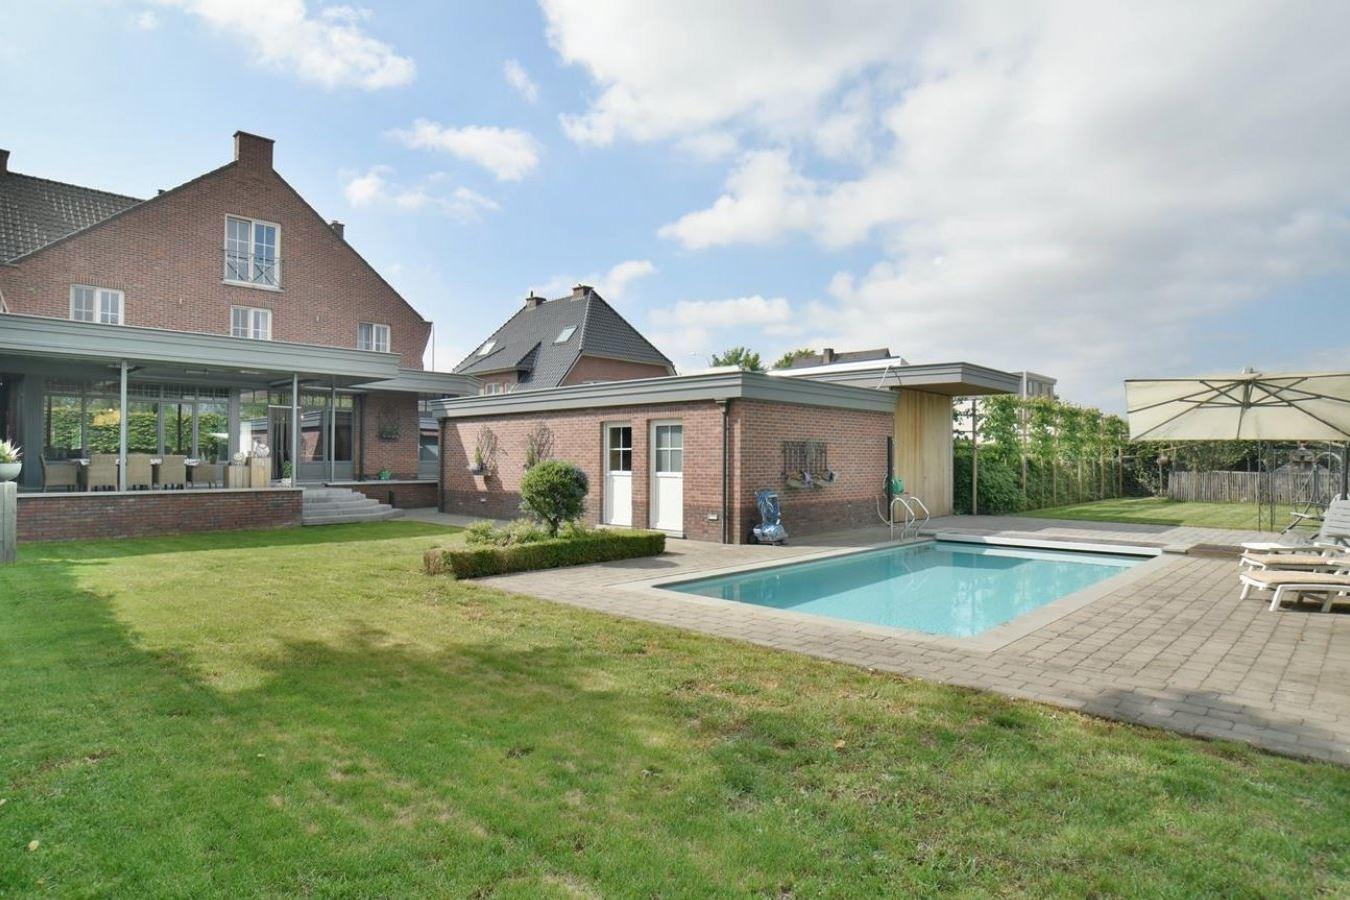 Bekijk foto 3 van Maastrichtersteenweg 77 Maaseik BELGIË